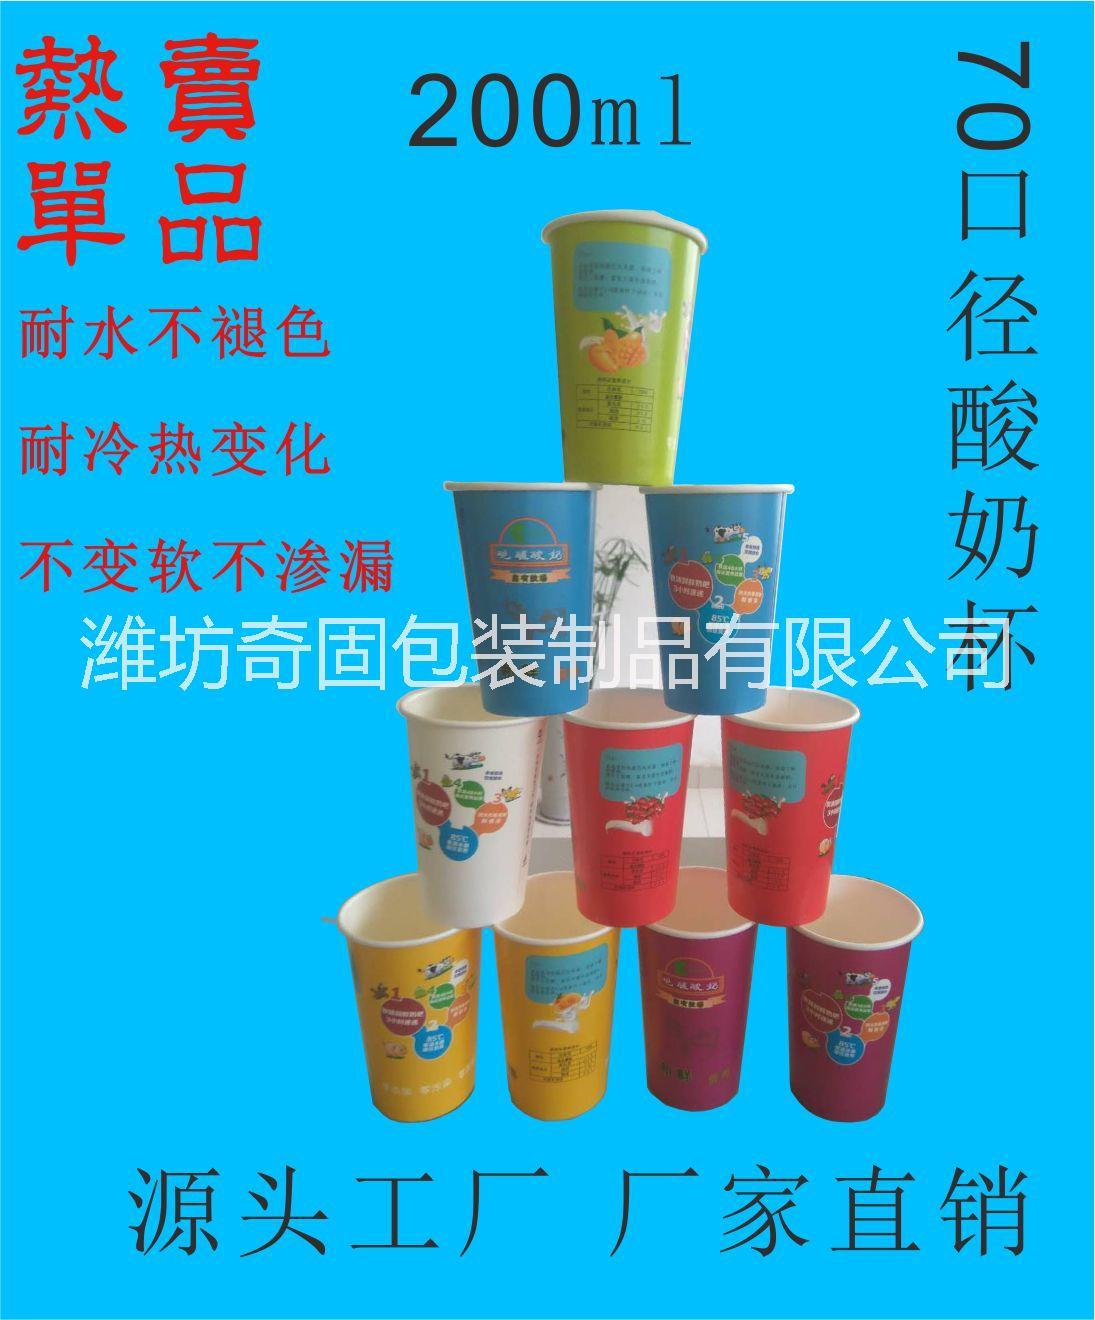 厂家直销酸奶纸杯200ml双淋膜